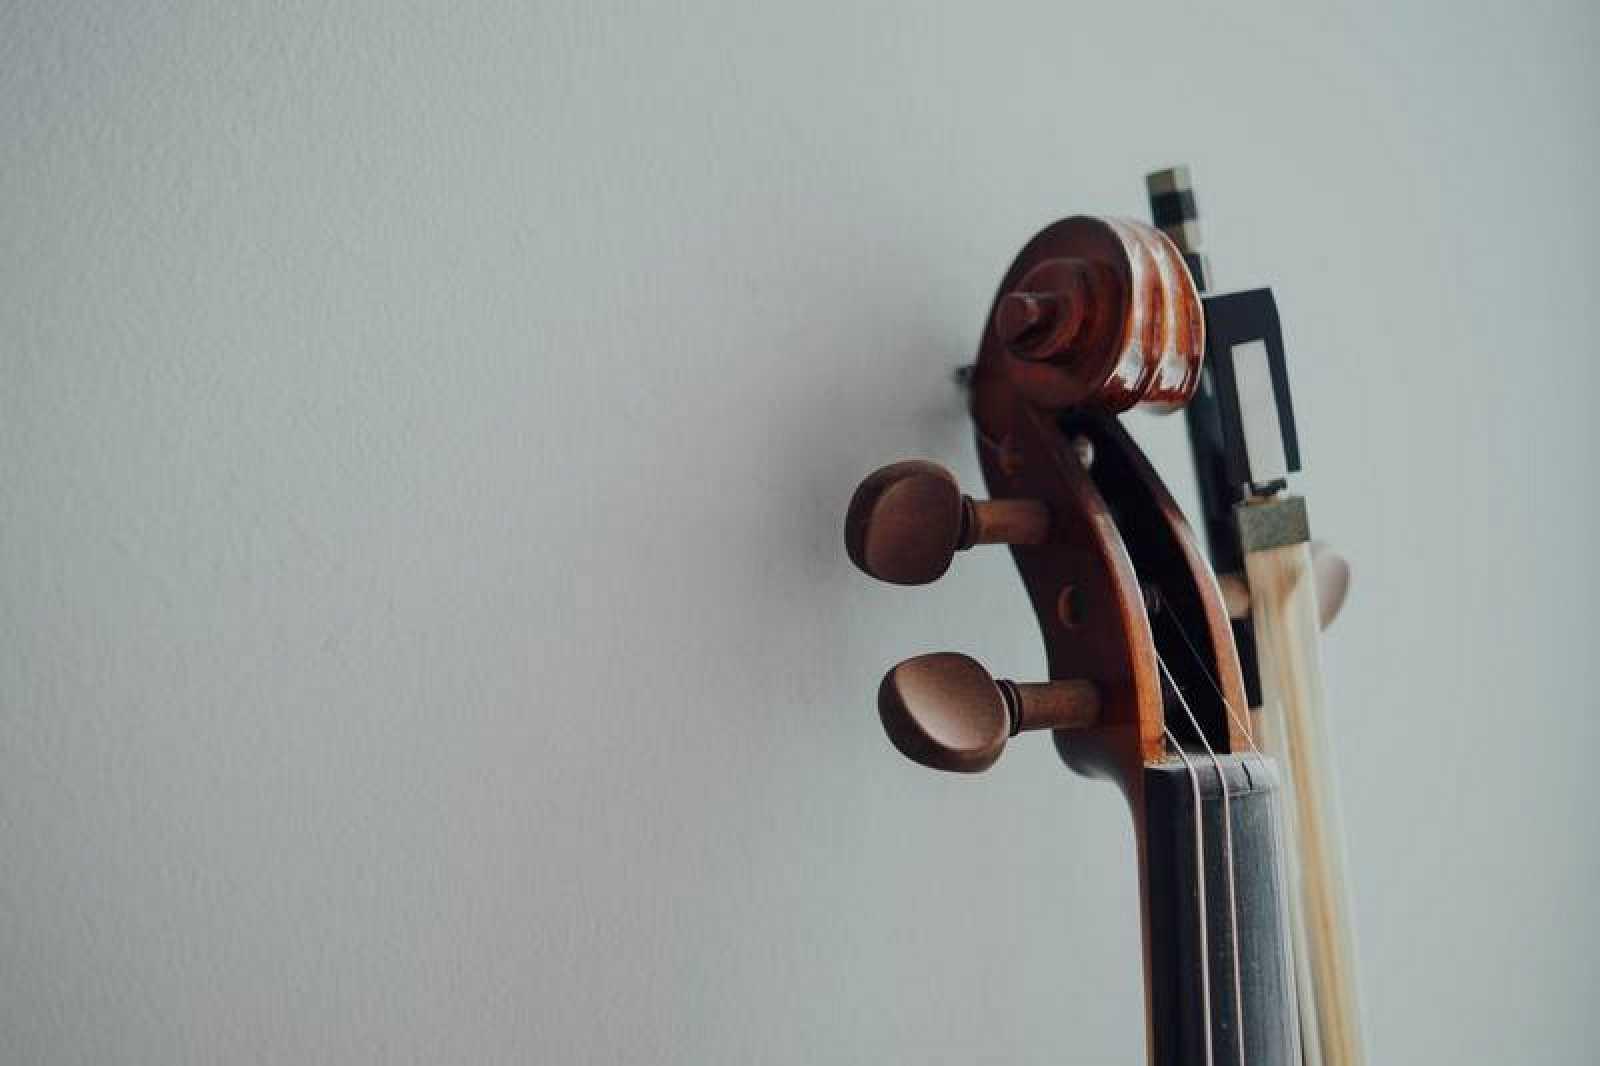 Comienza el XXIV CicloXXIV Ciclo de Música de Cámara de la Orquesta Sinfónica y Coro RTVE